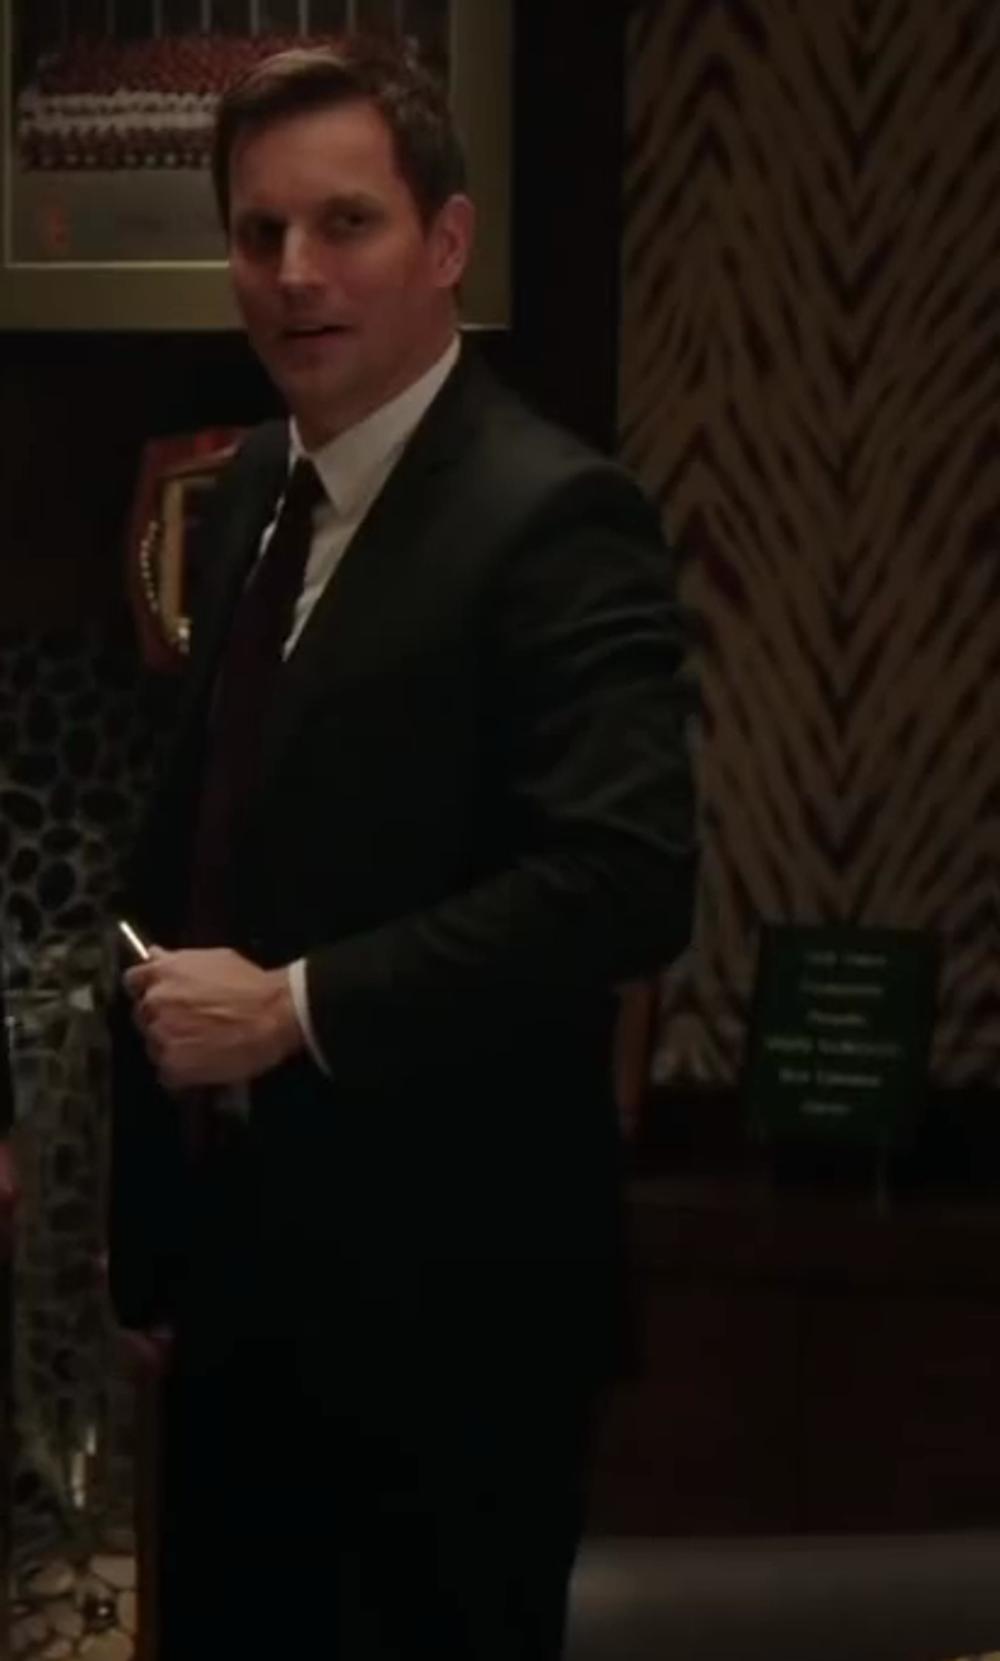 Alfani Black Solid Suit in Million Dollar Arm